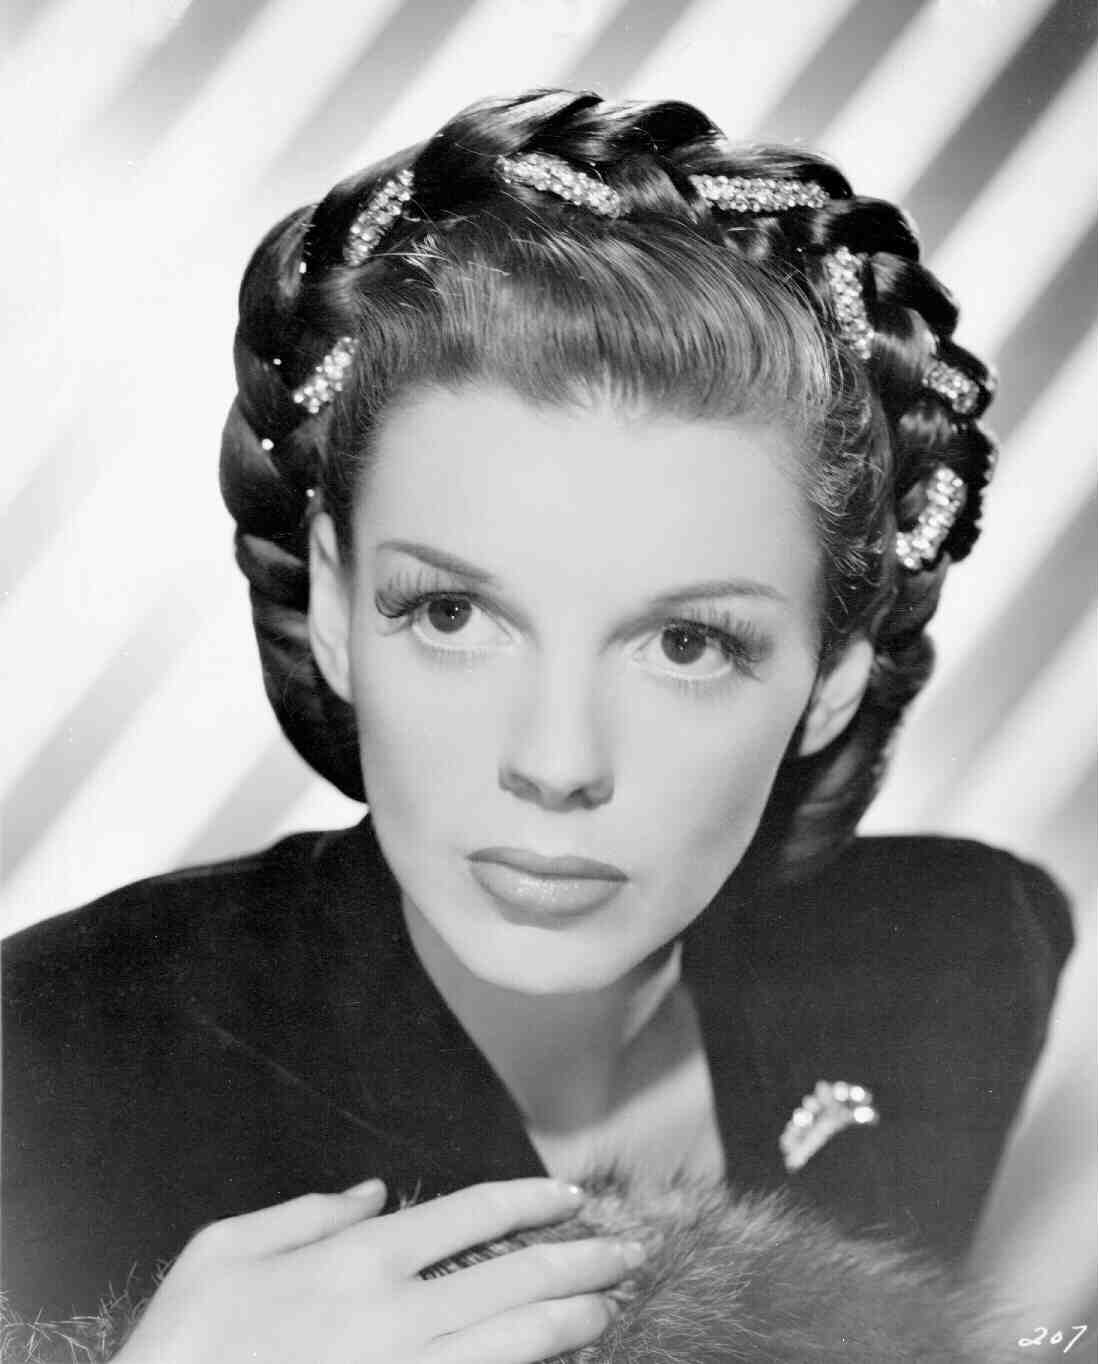 Museo LoPiù: Judy Garland - Memorial Album (1.02)